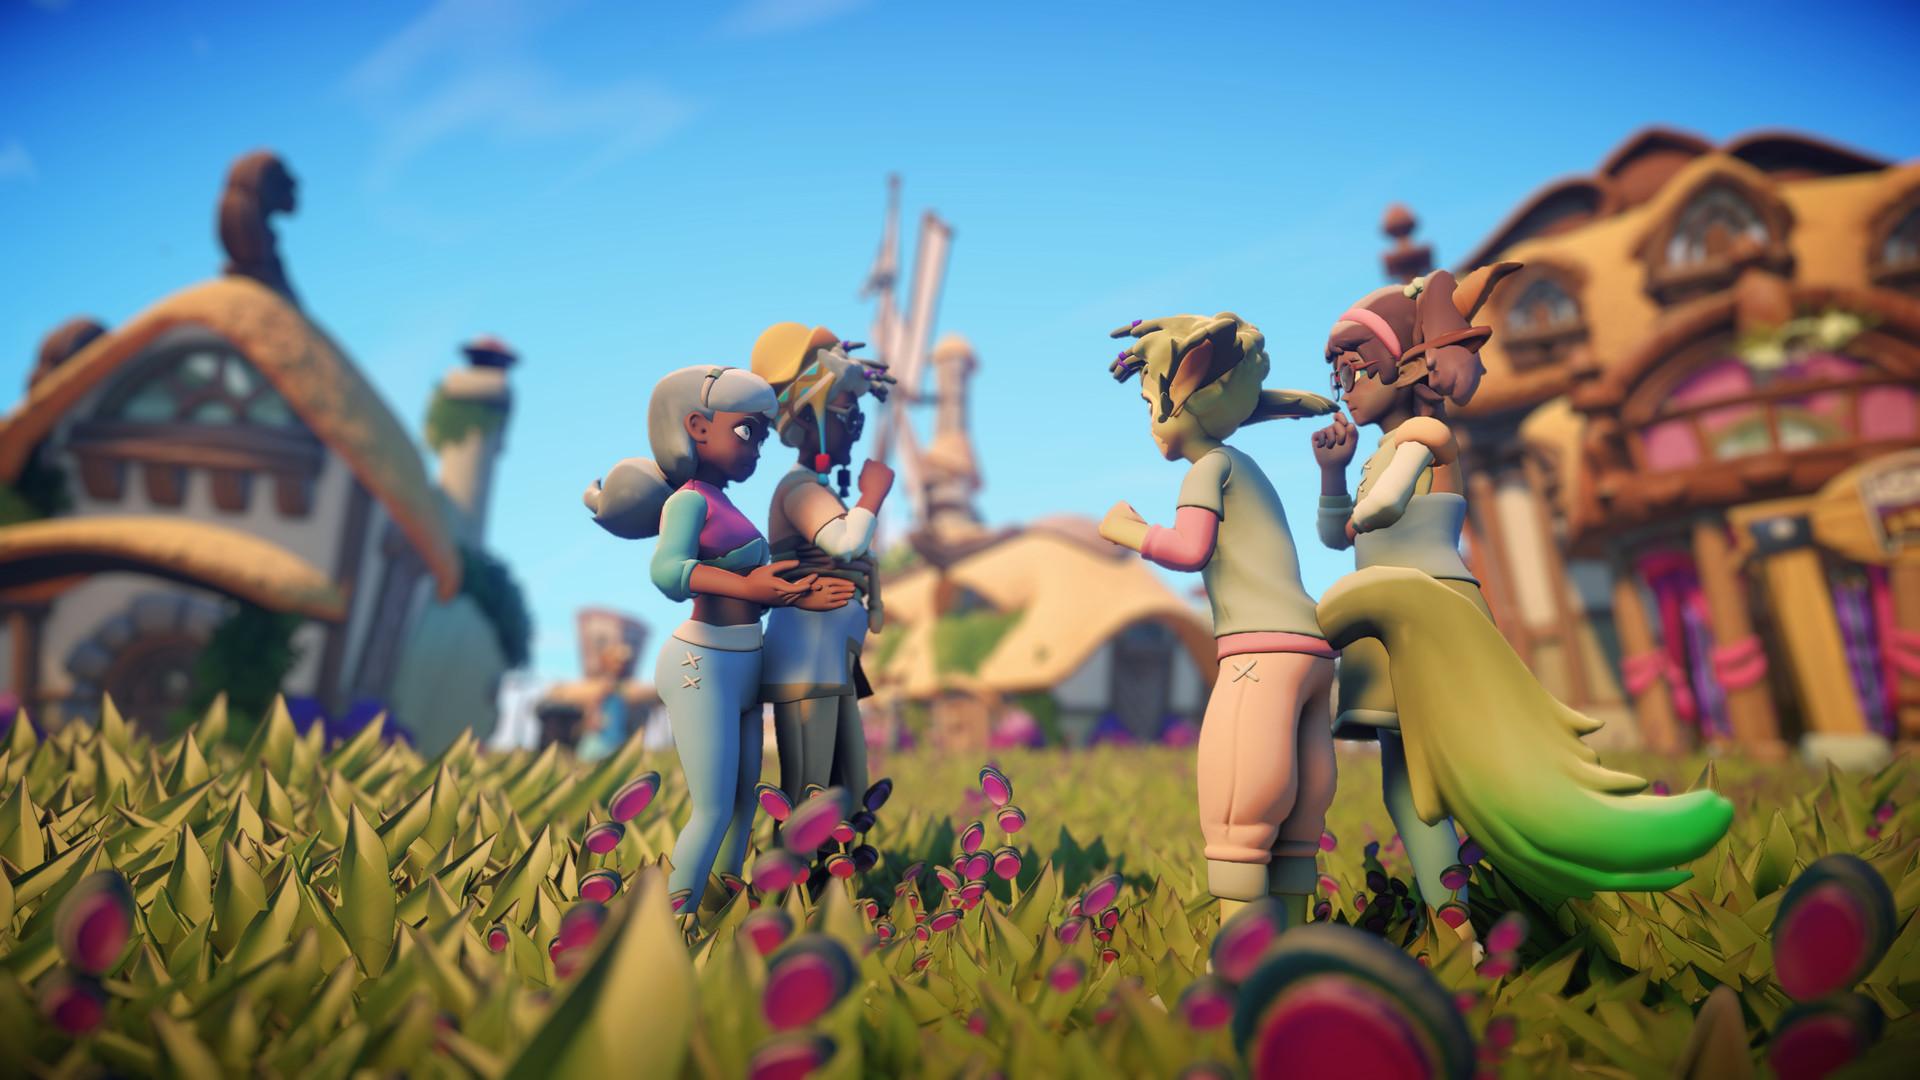 沙盒建造游戏《成长物语:永恒树之歌》 将于2021年内发布